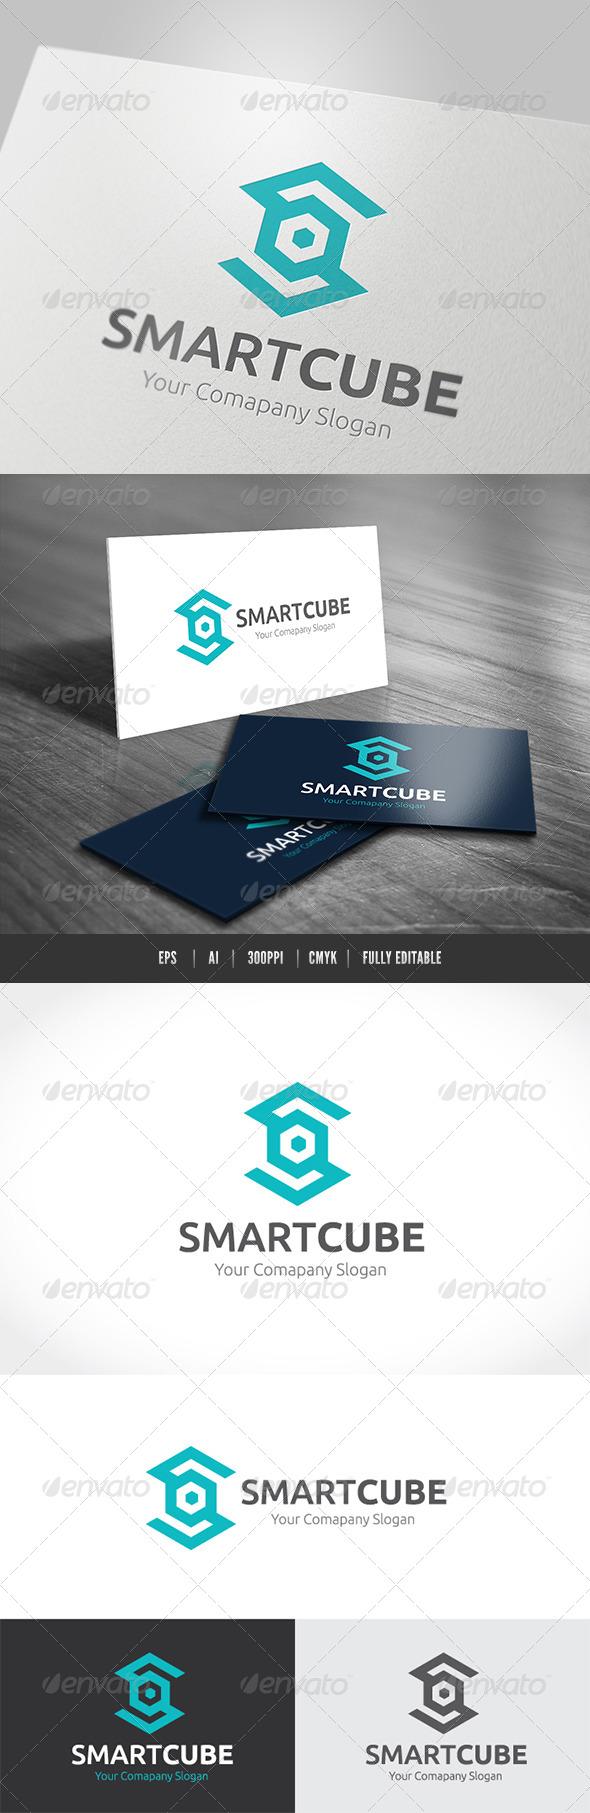 GraphicRiver Smart Cube 7467986